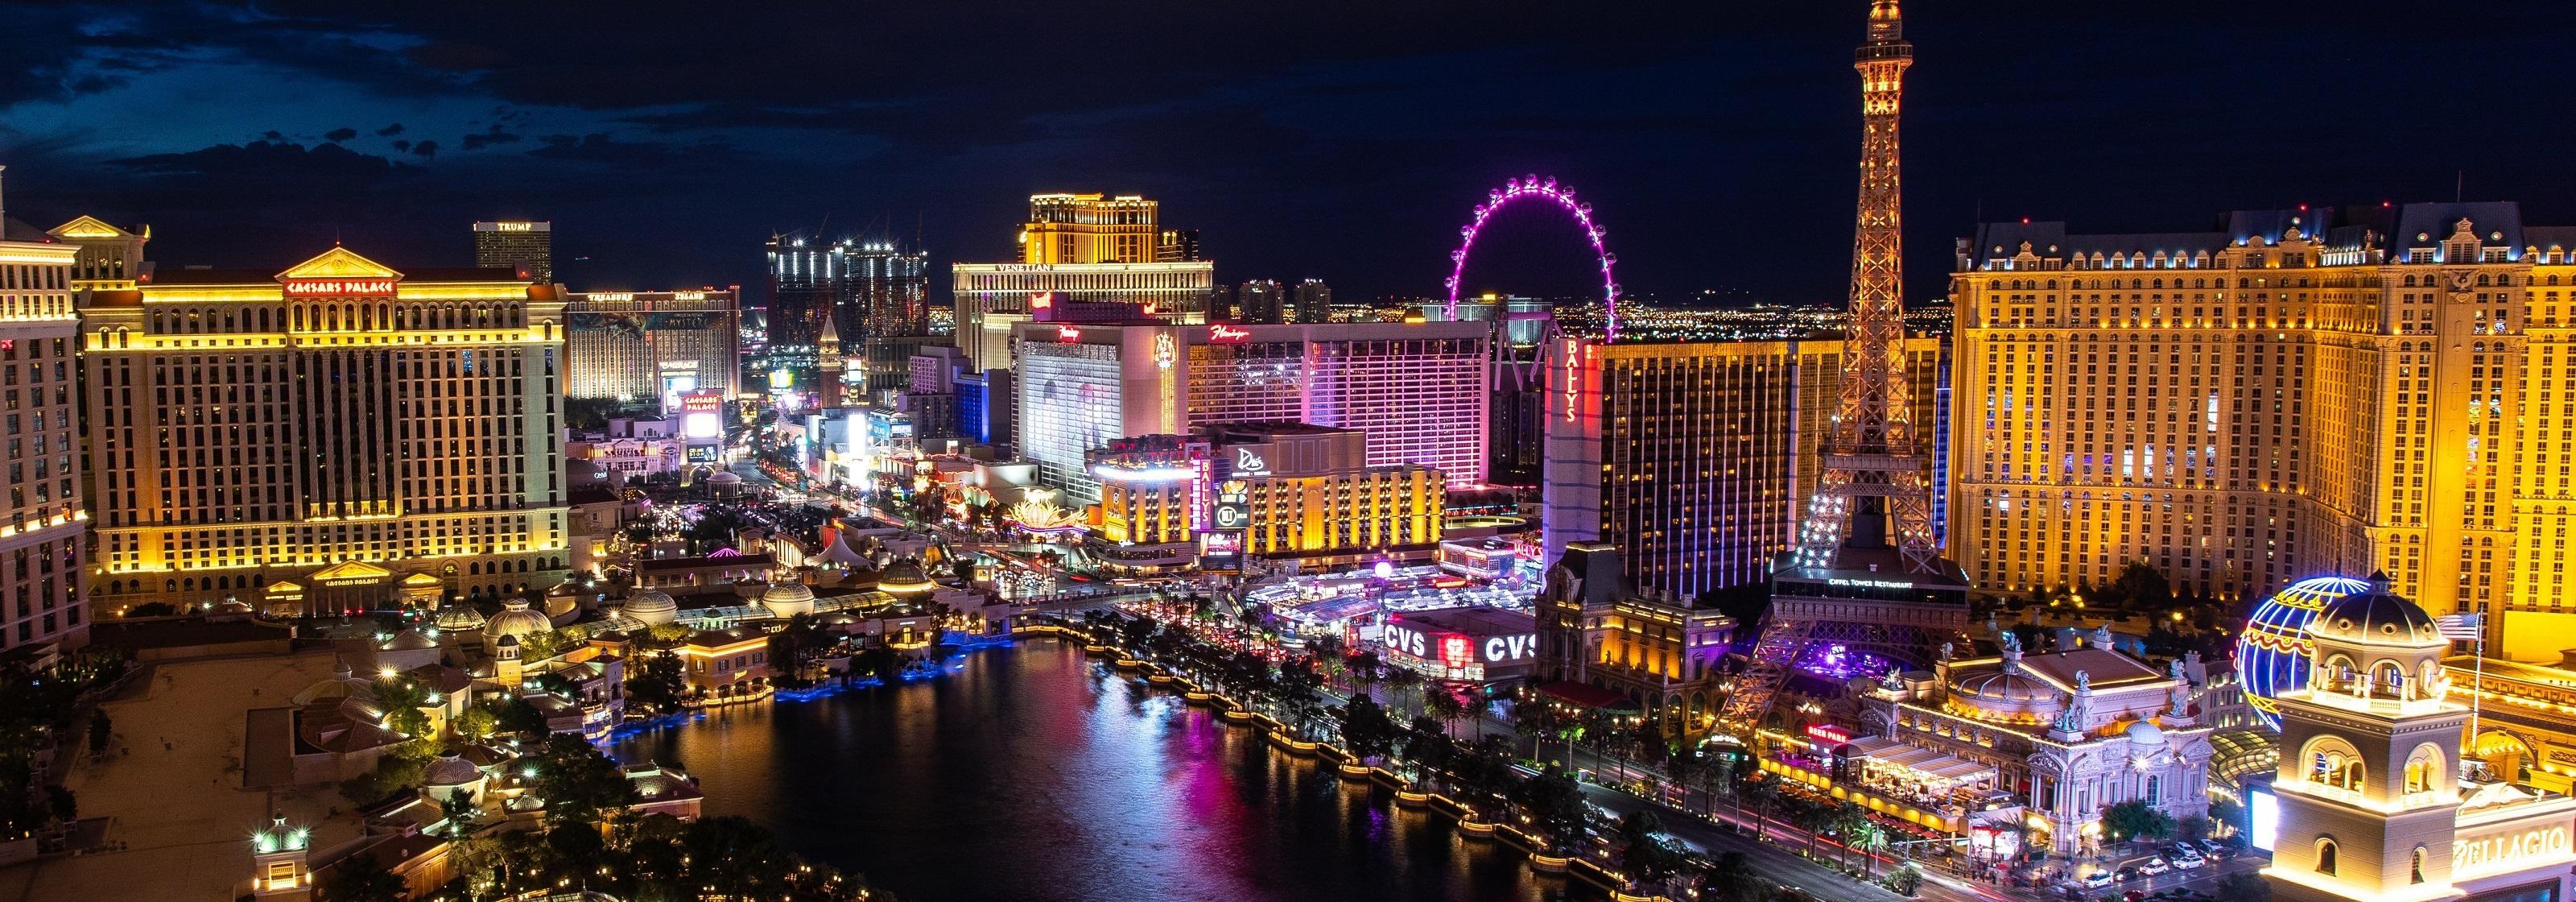 Choses à faire à Las Vegas